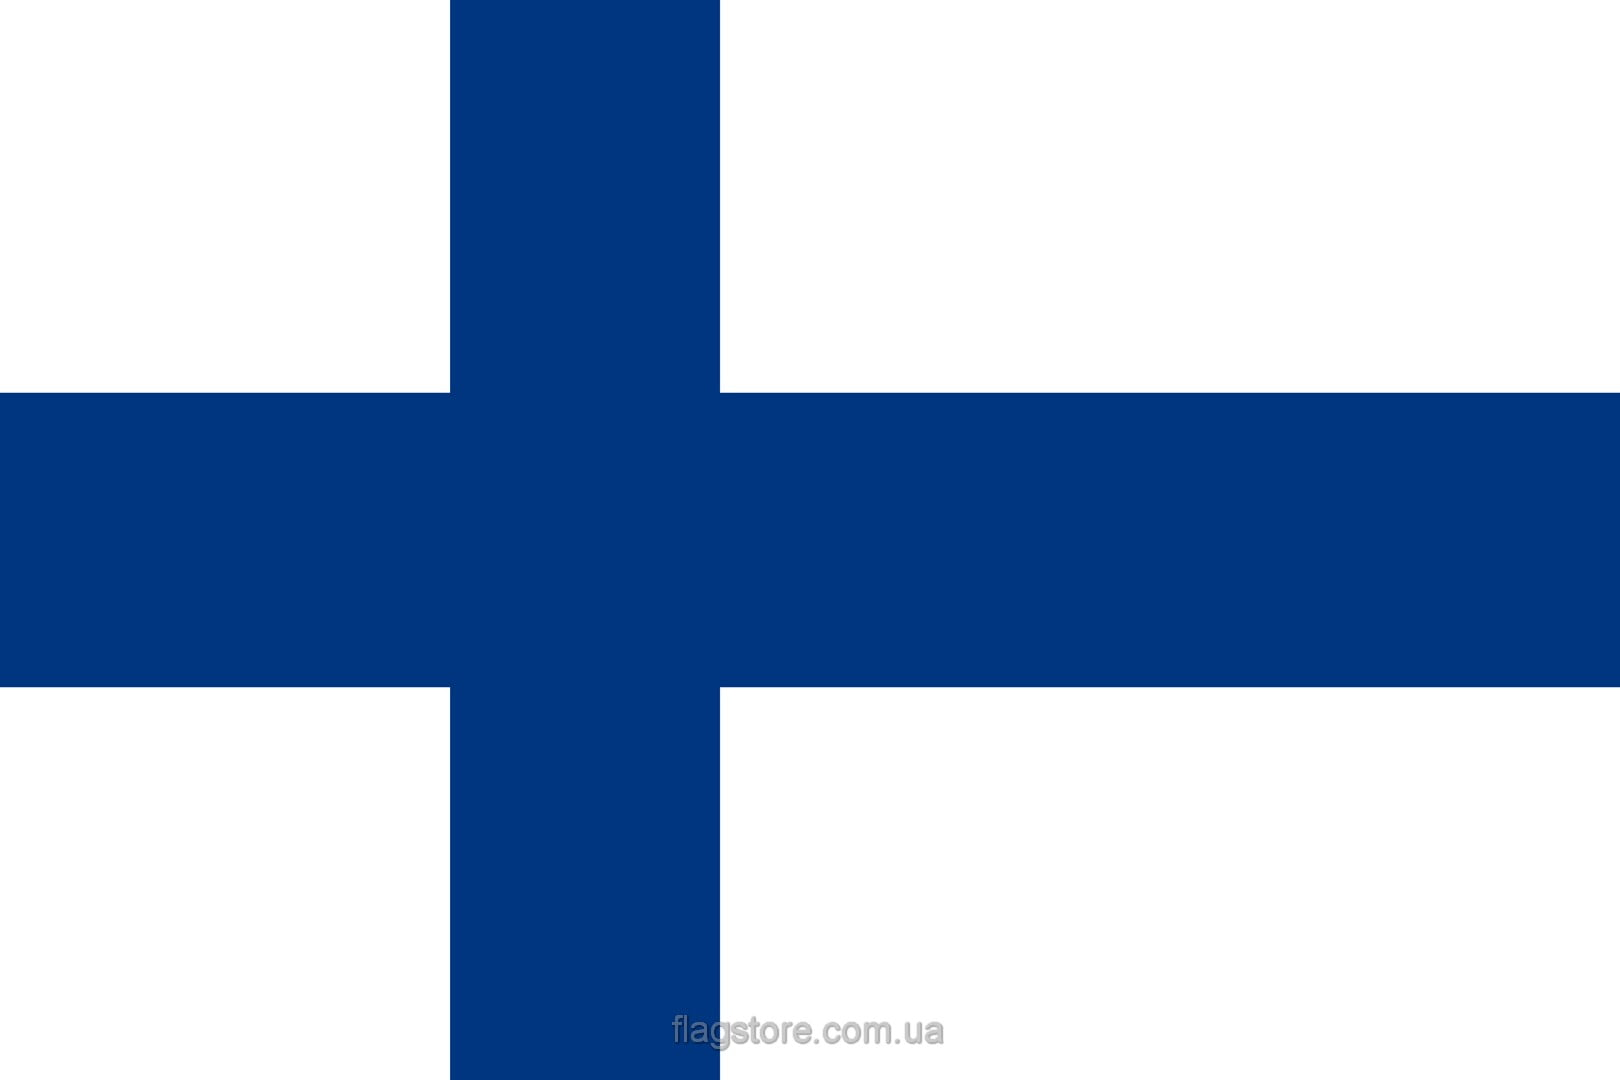 Купить флаг Финляндии (страны Финляндия)